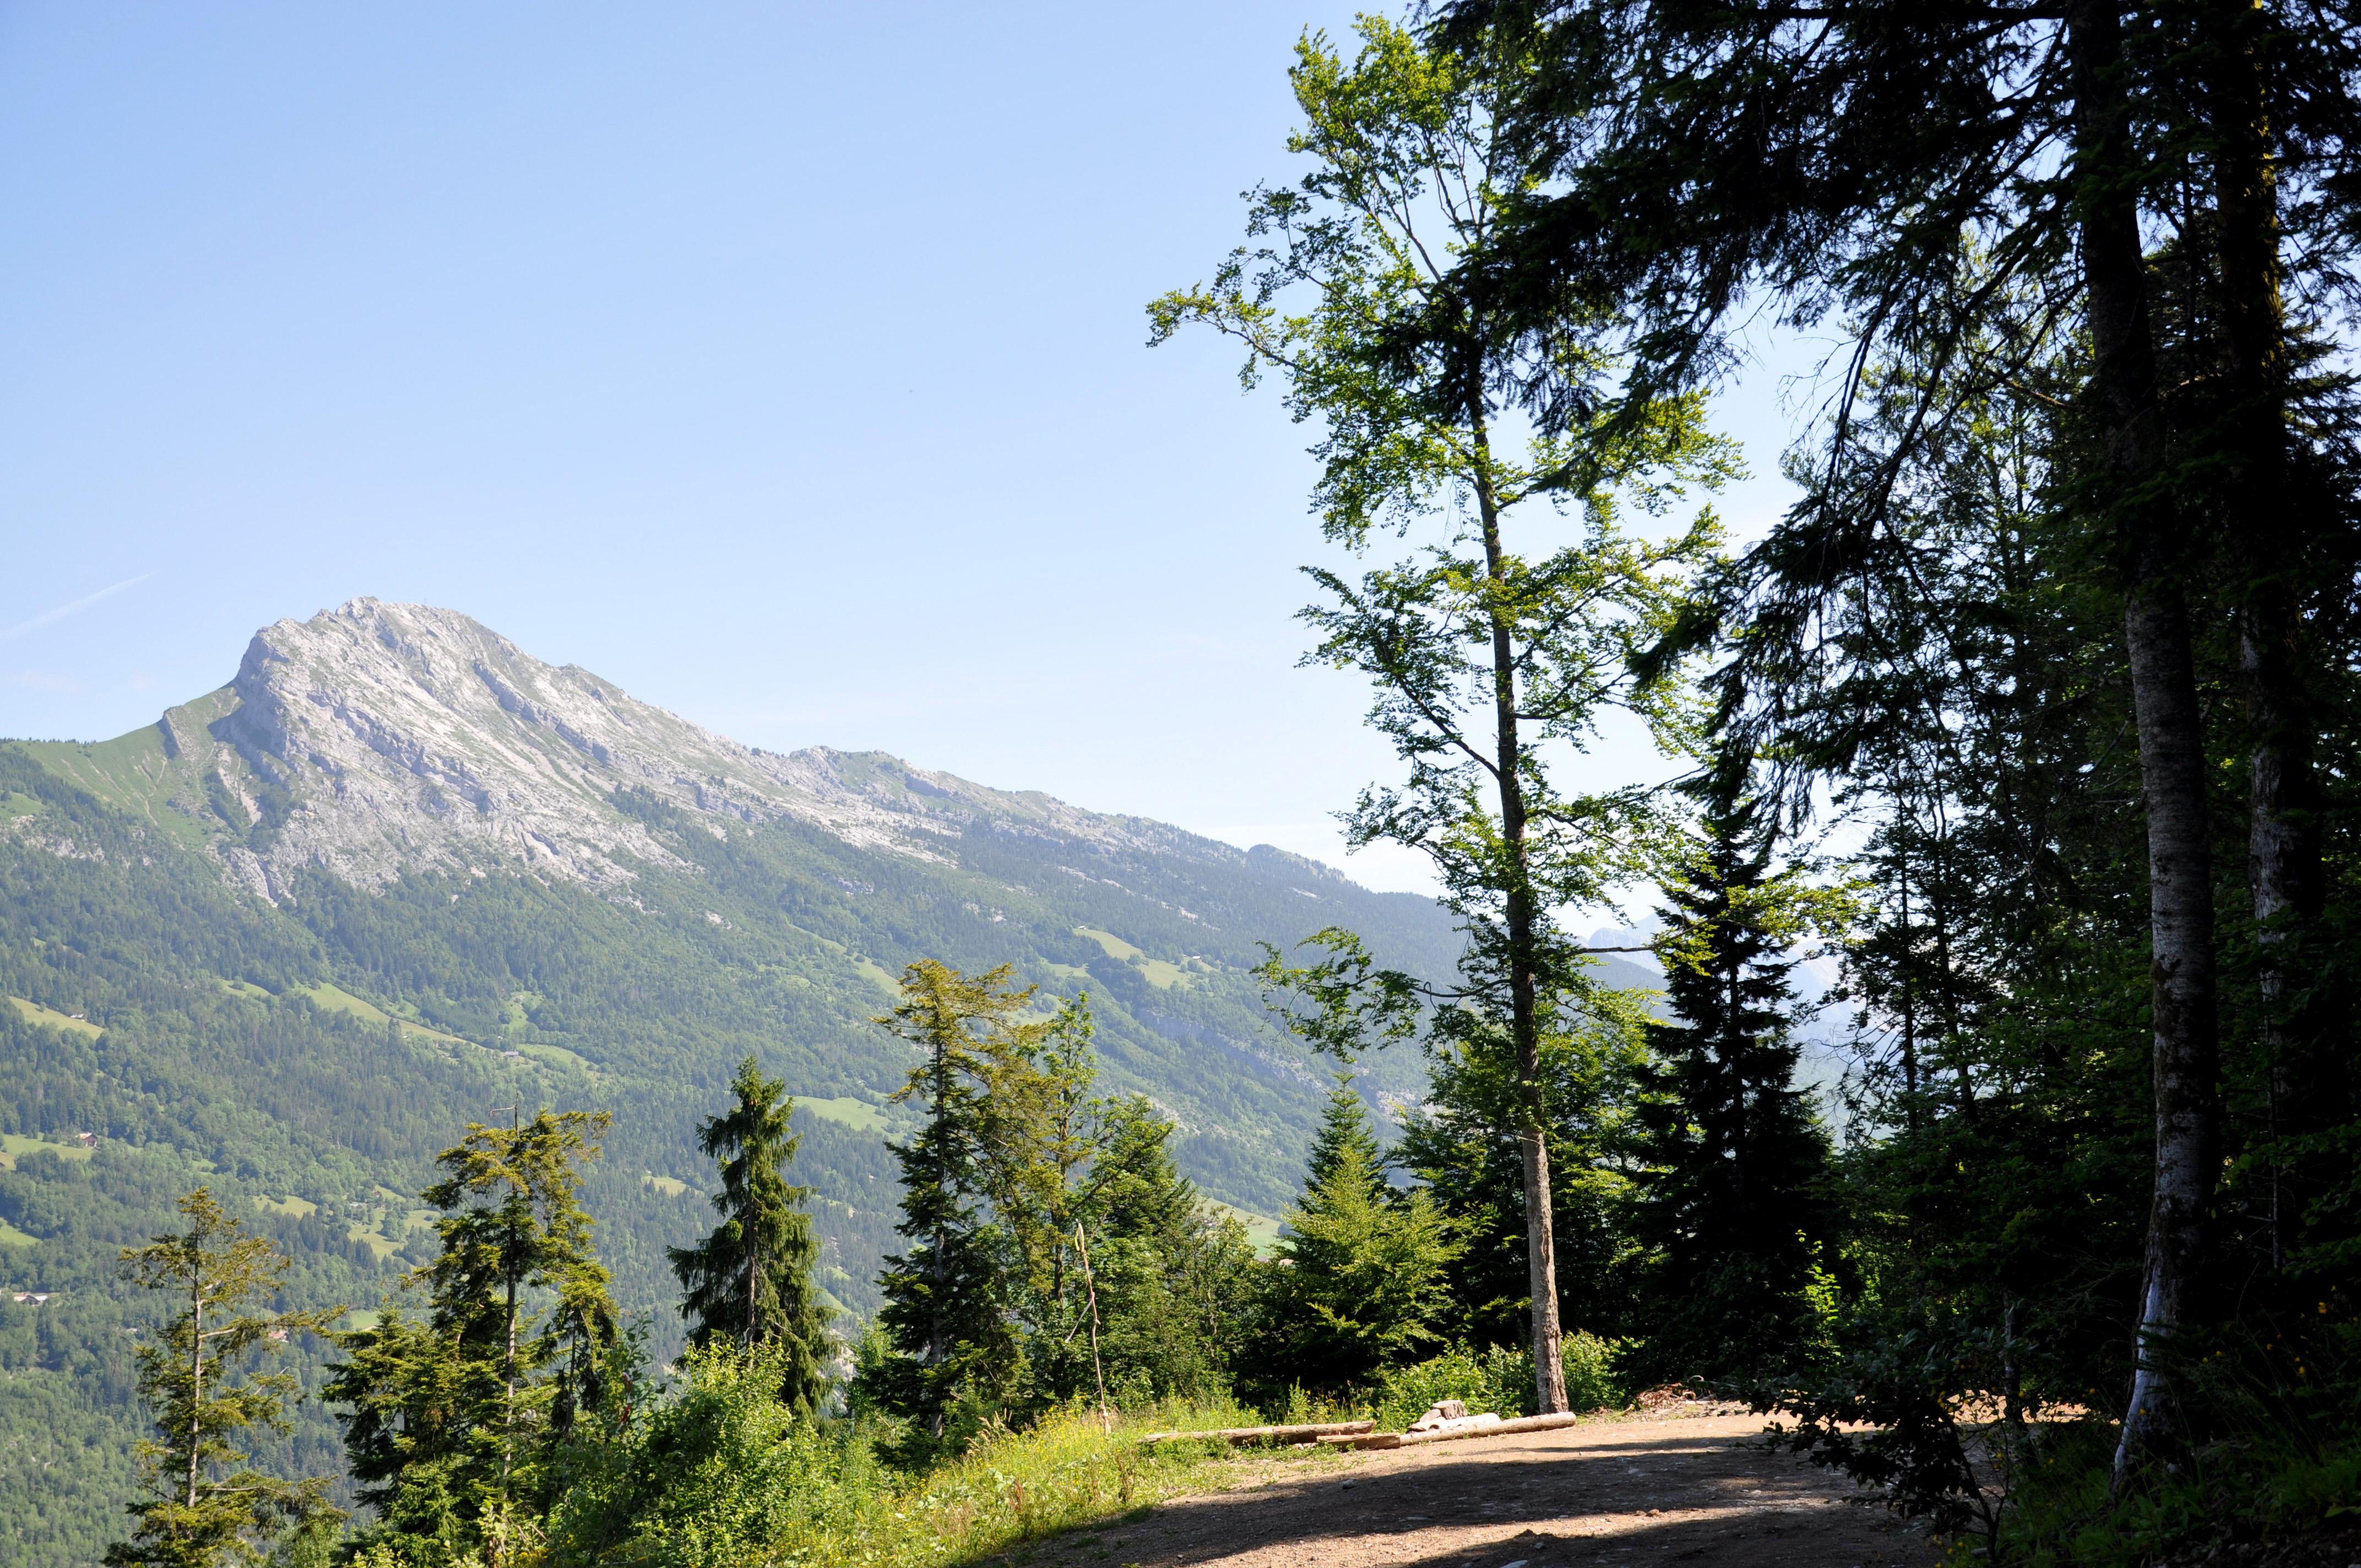 Sentier du Roi du Mont Thônes